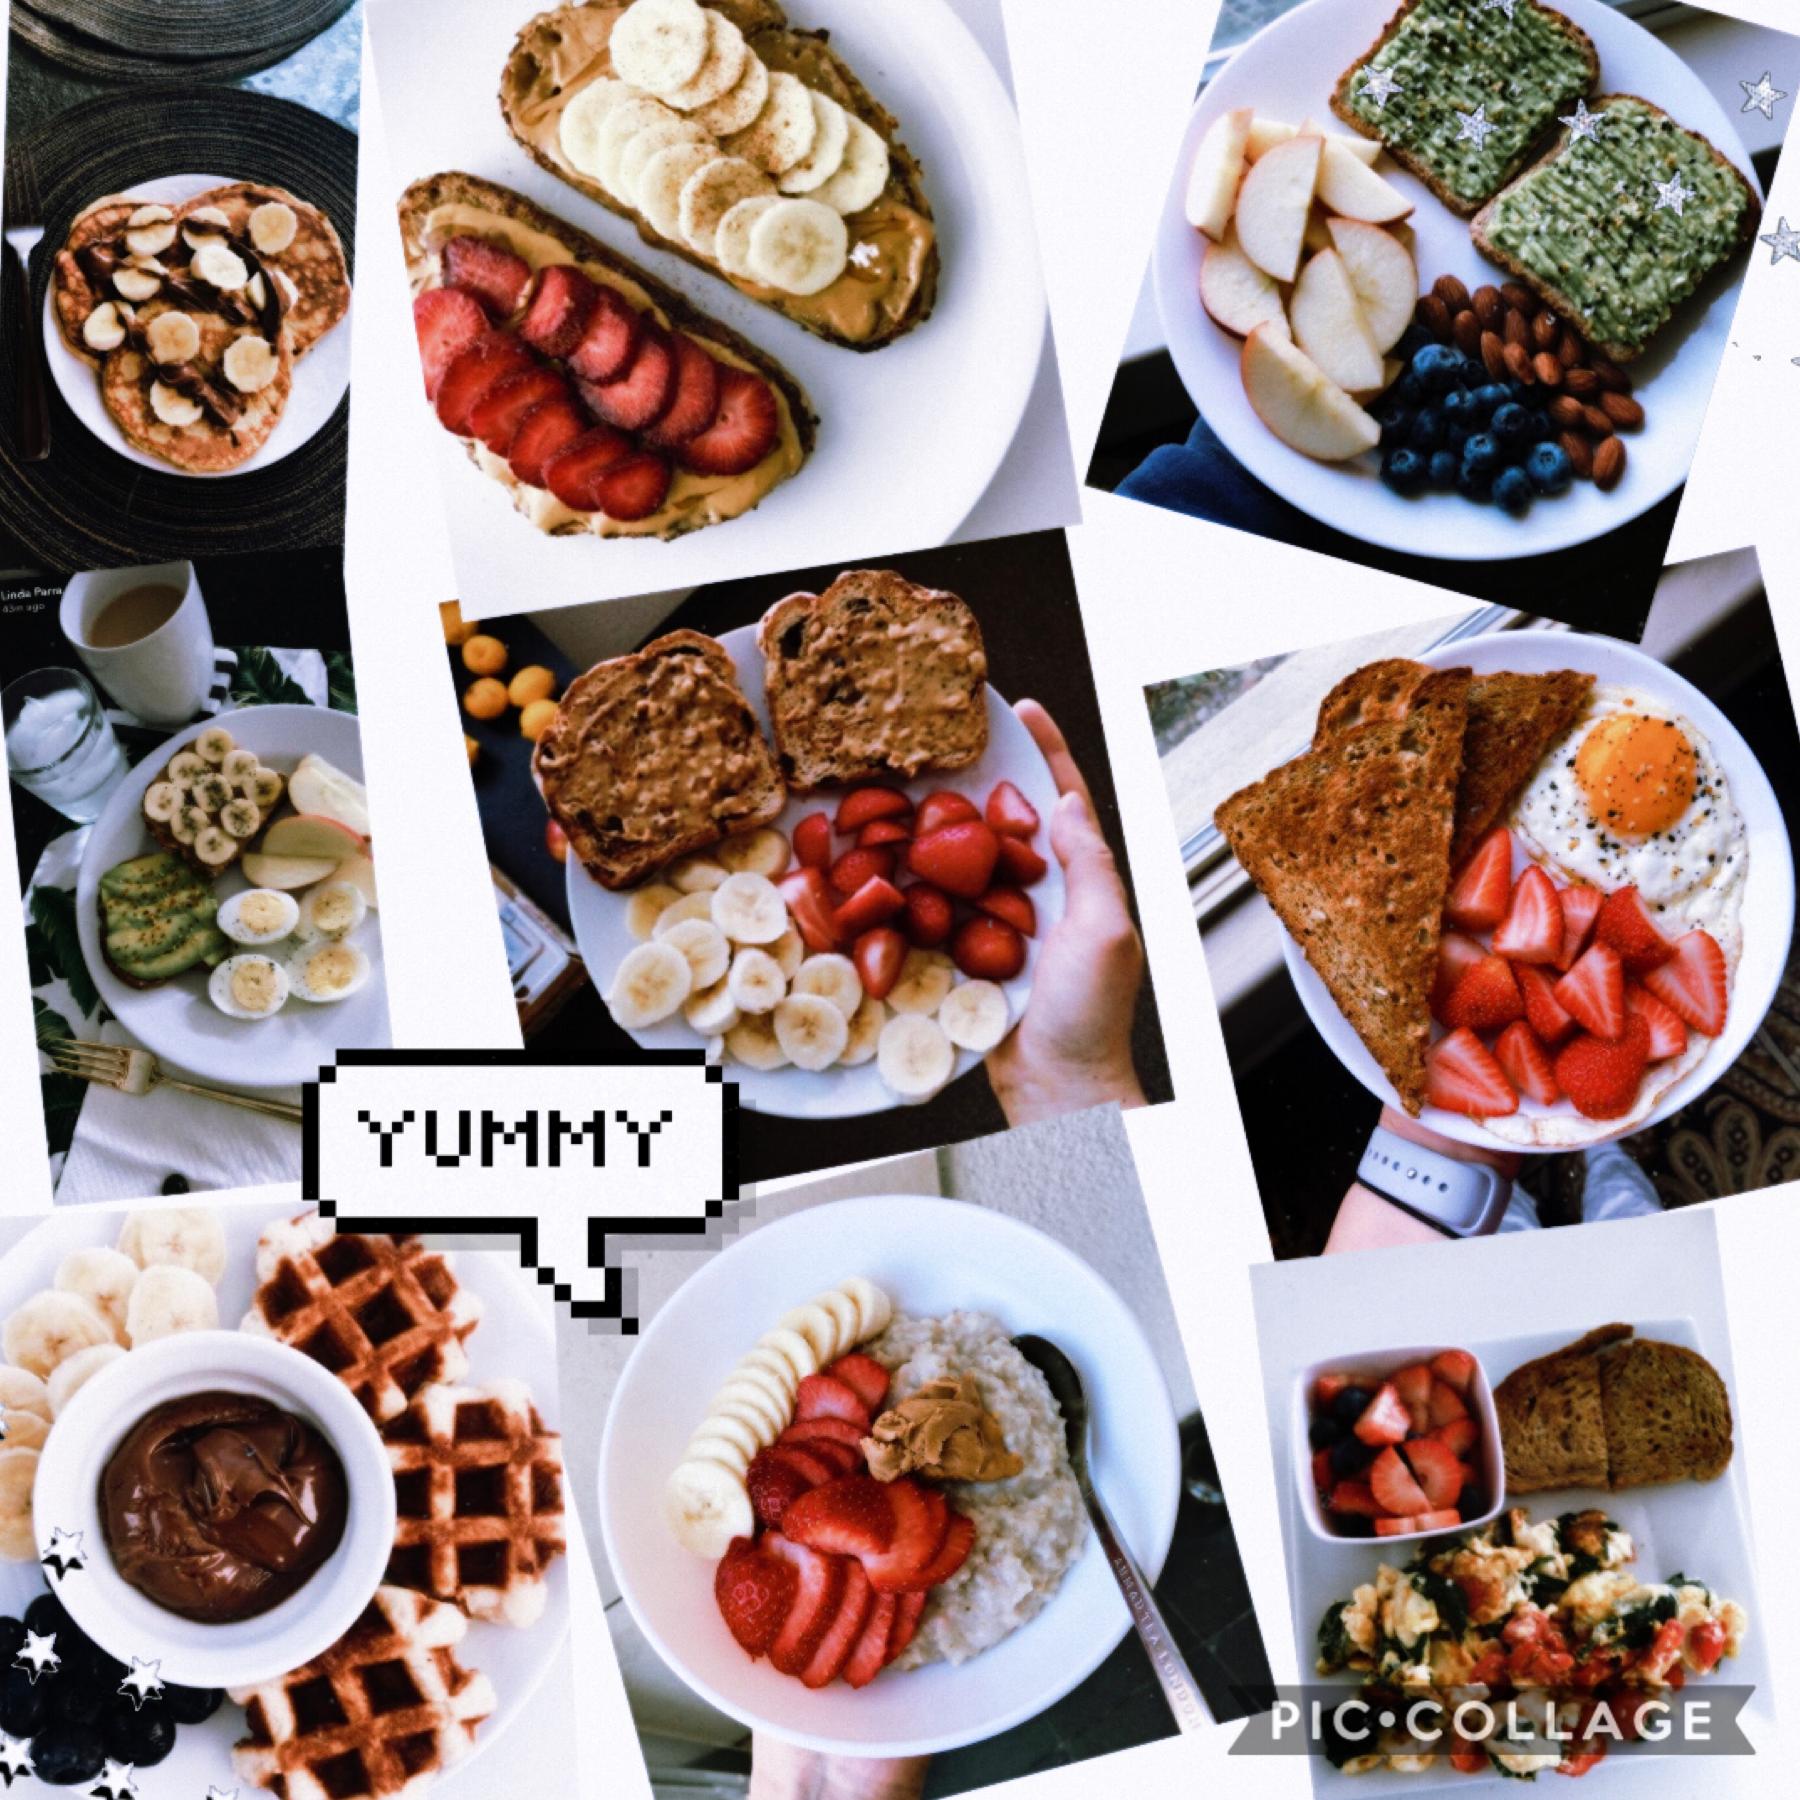 breakfast inspo✨